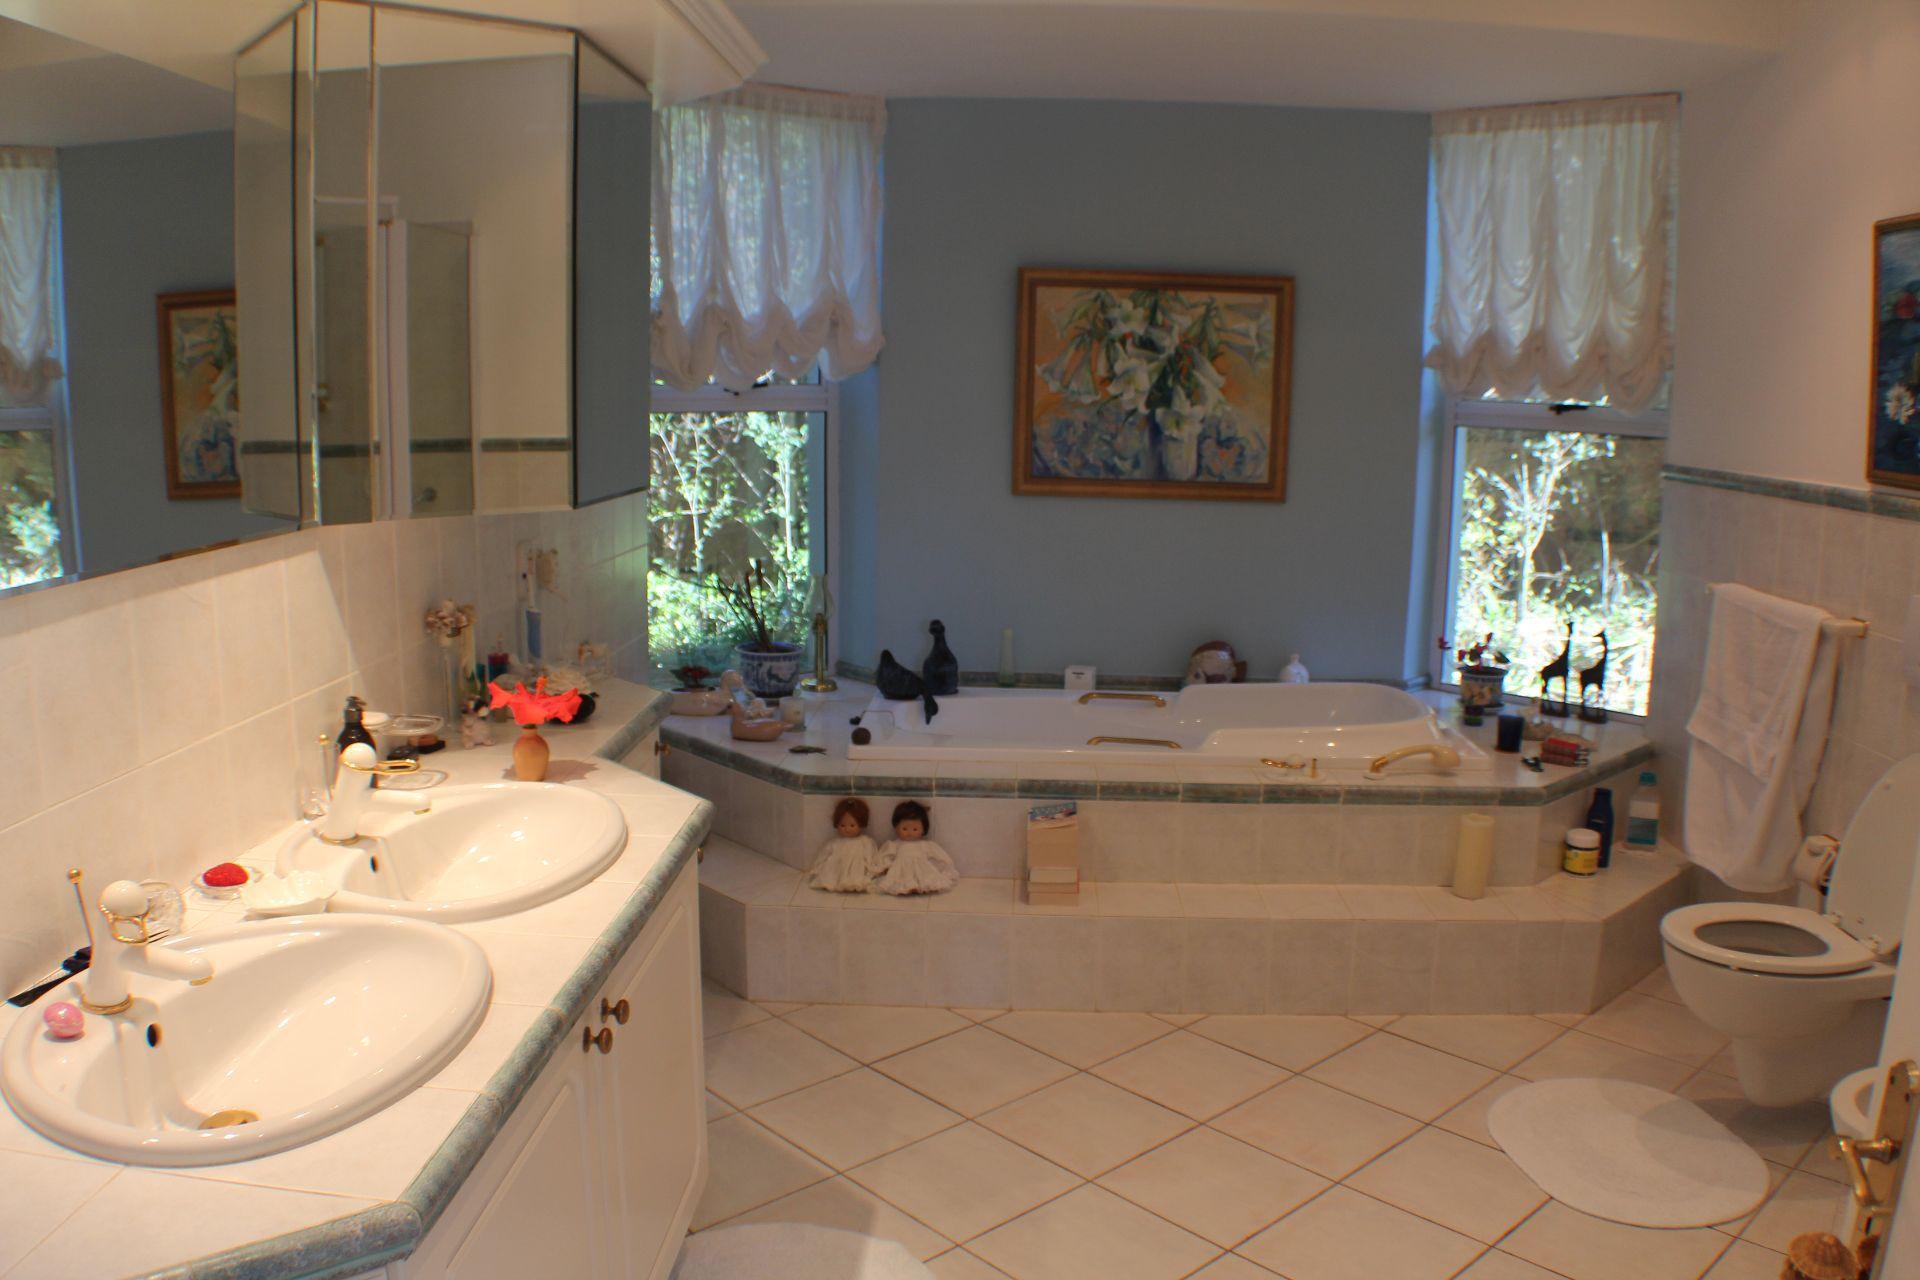 Erinvale Golf Estate property for sale. Ref No: 13509371. Picture no 17